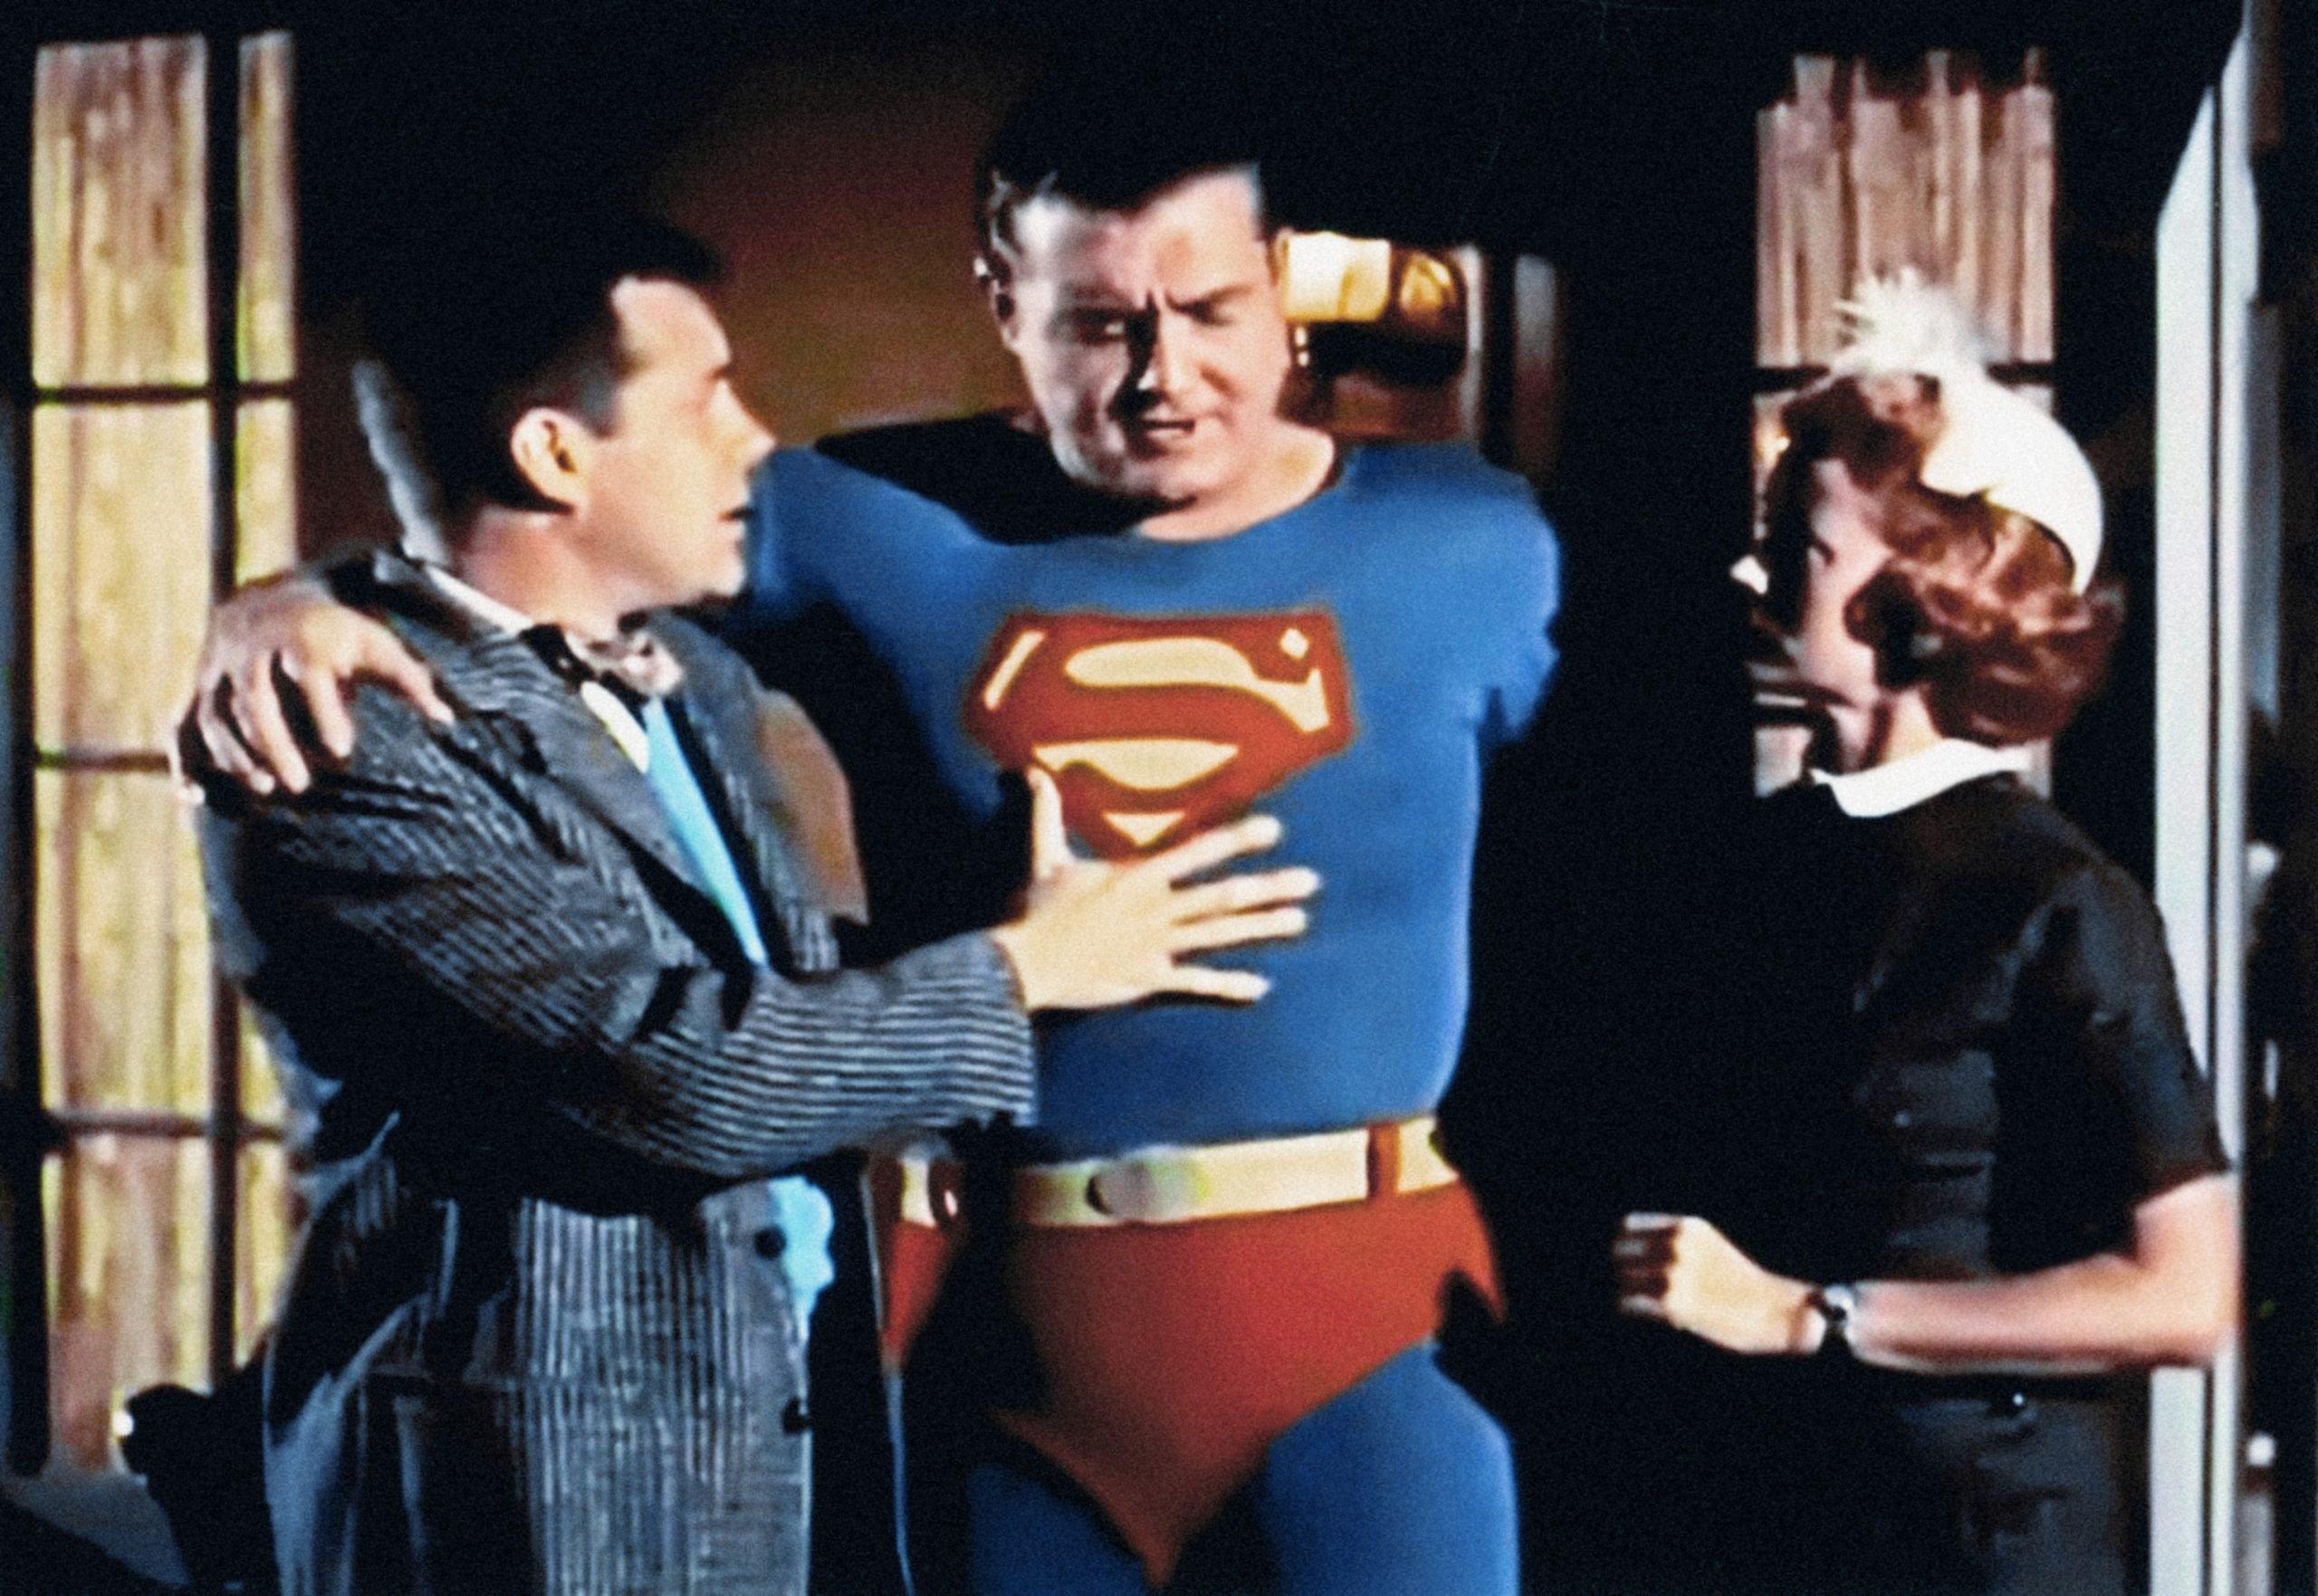 jack-larson-george-reeves-noel-neill-in-adventures-of-superman